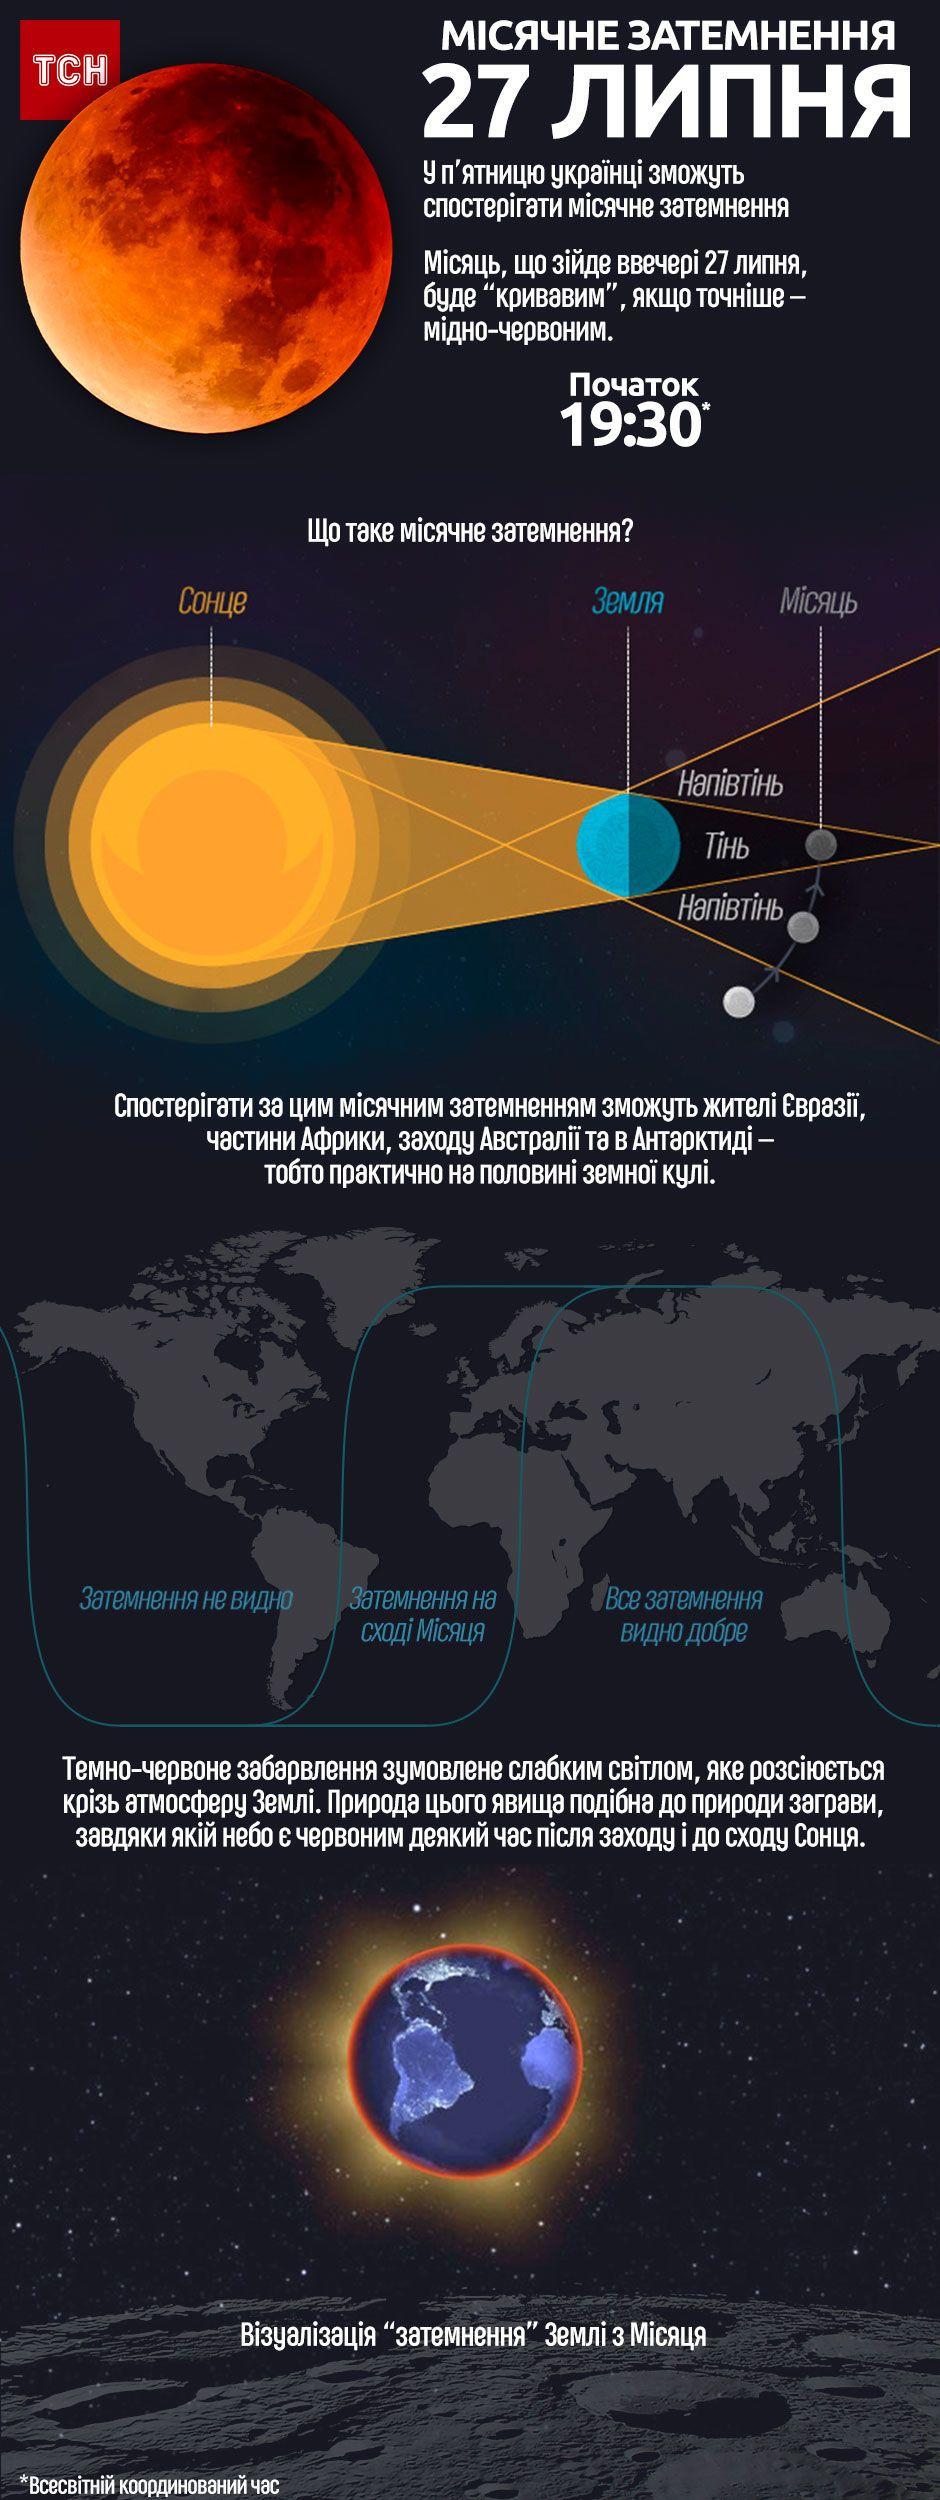 місячне затемнення 27 липя 2018 року, інфографіка